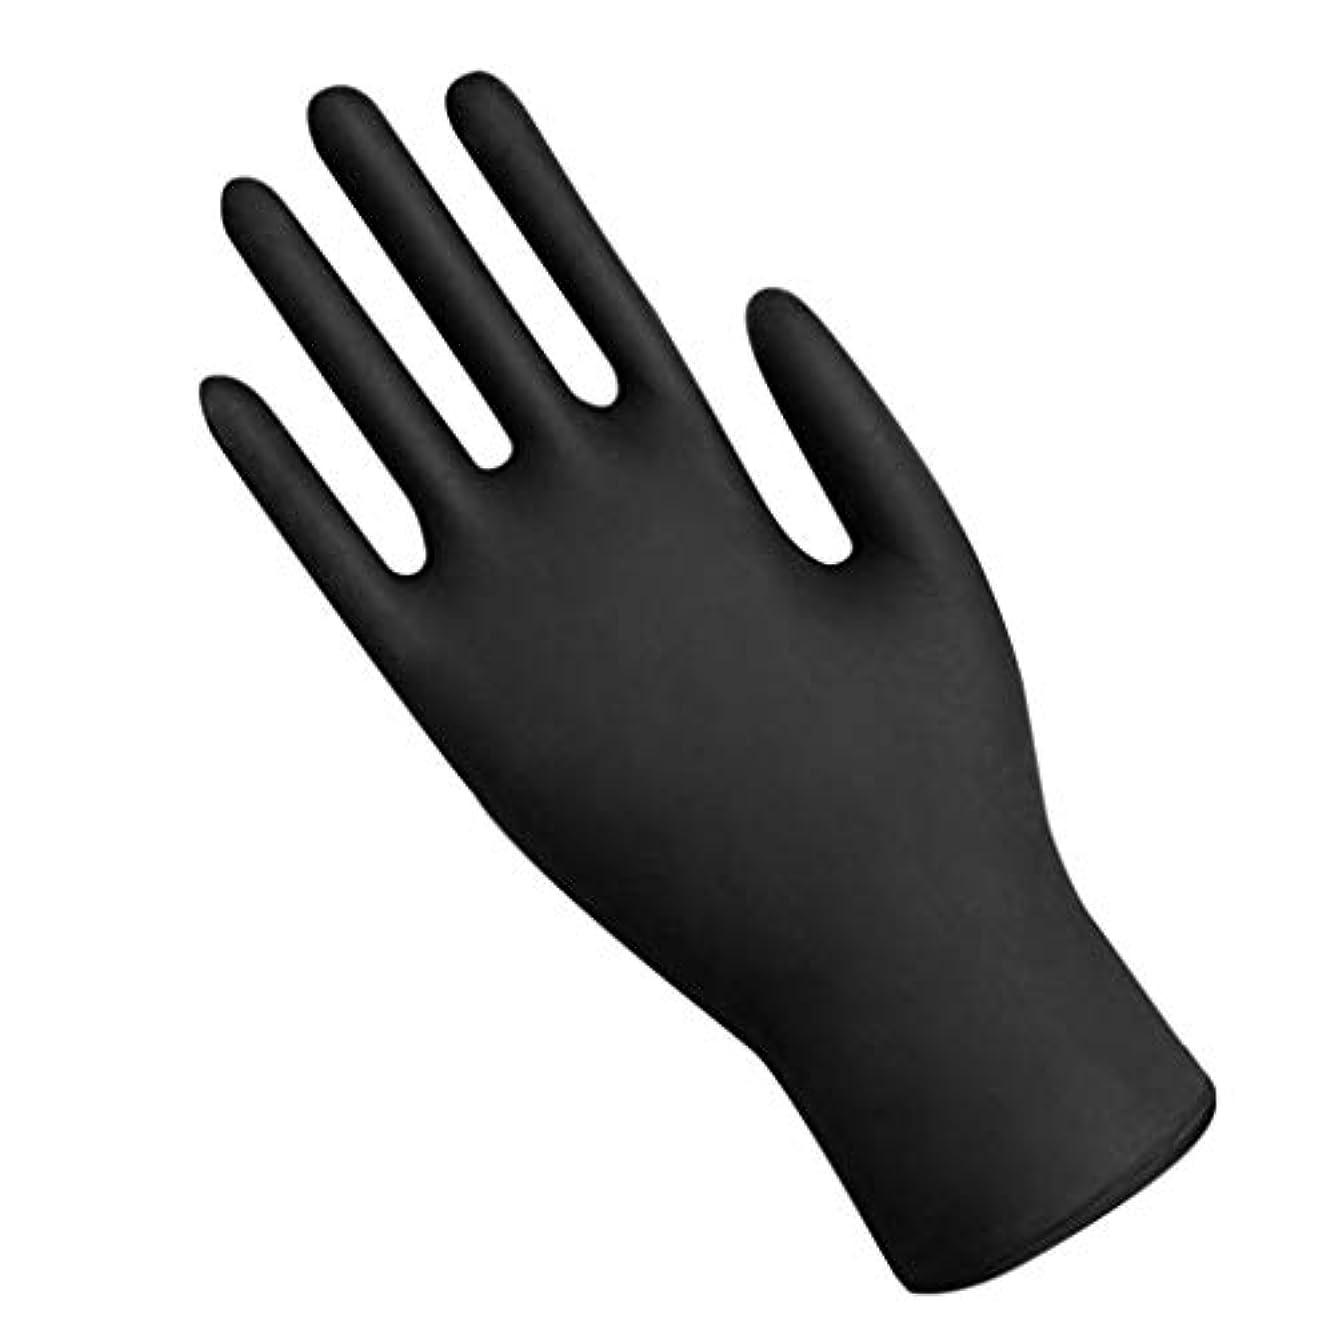 タイト熟達縮約Lazayyi 50枚入 シルク手袋 手袋 使い捨て手袋 手荒い 滑りにくい 超弾性 (S, ブラック)